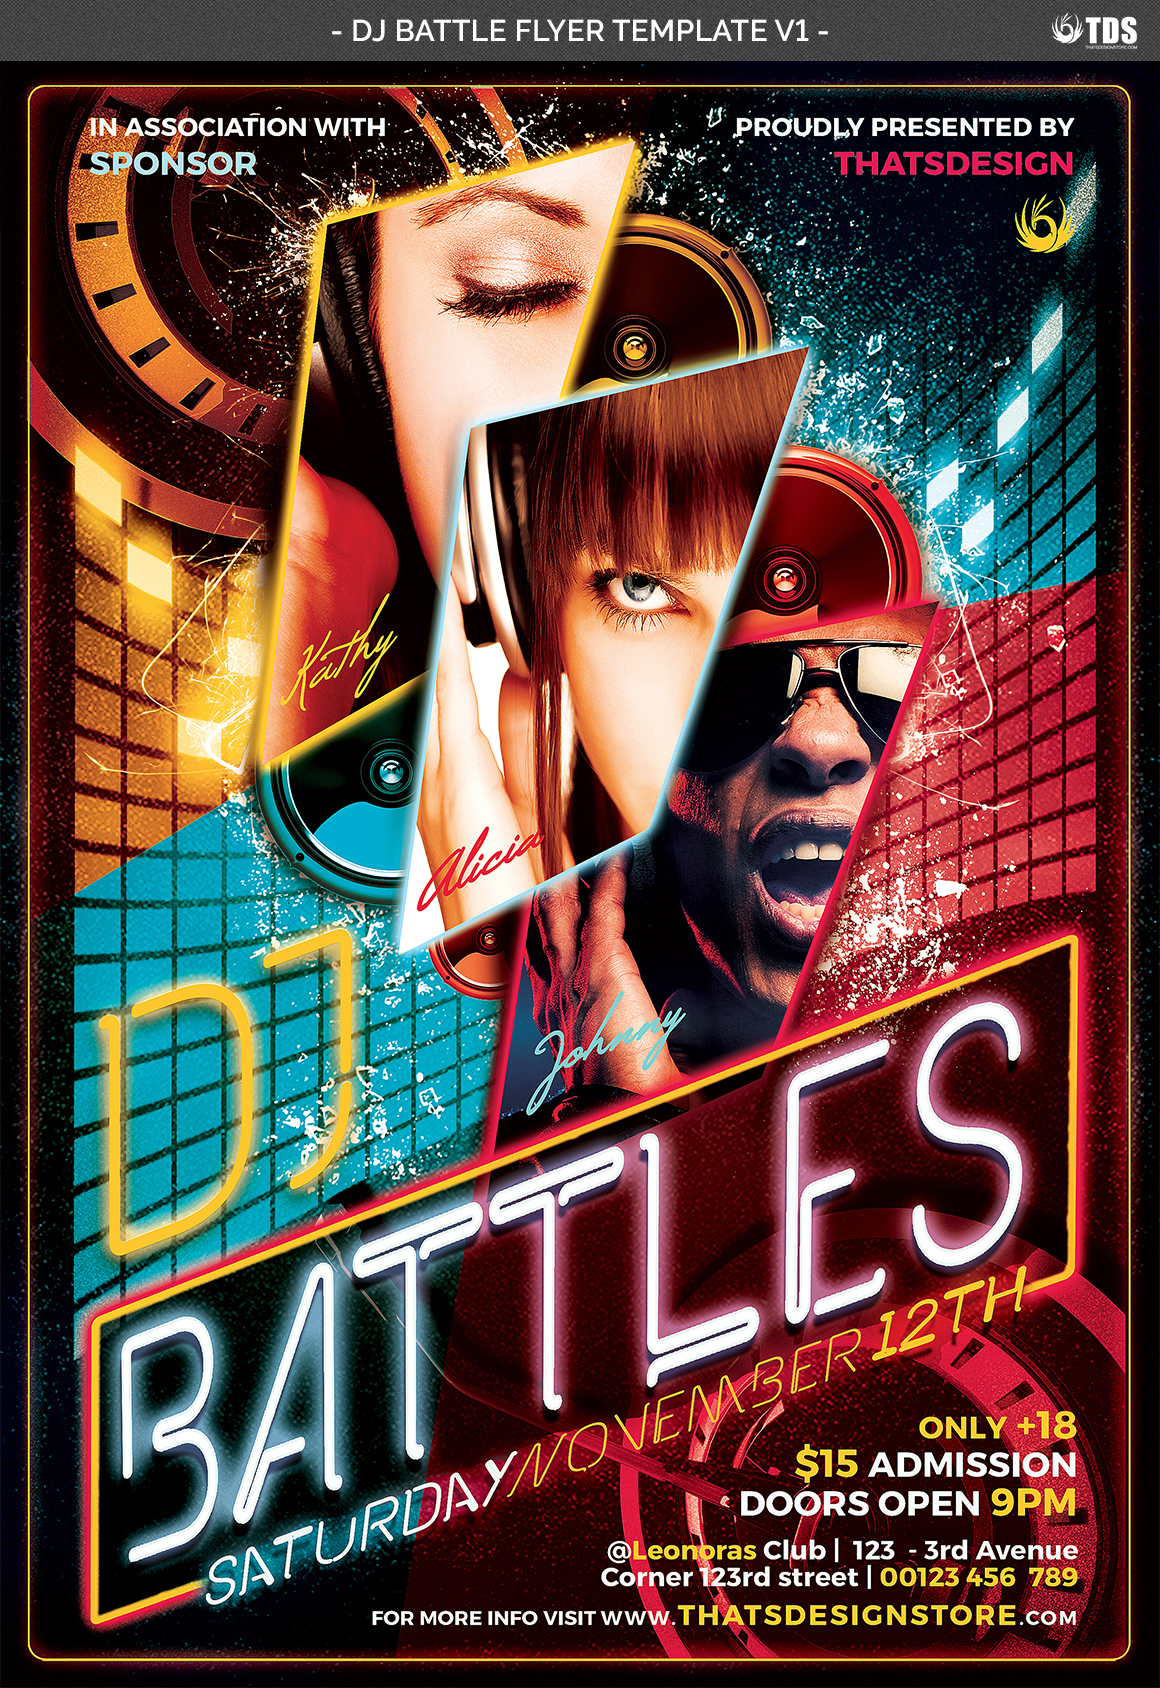 DJ Battle Flyer Template V1 example image 4